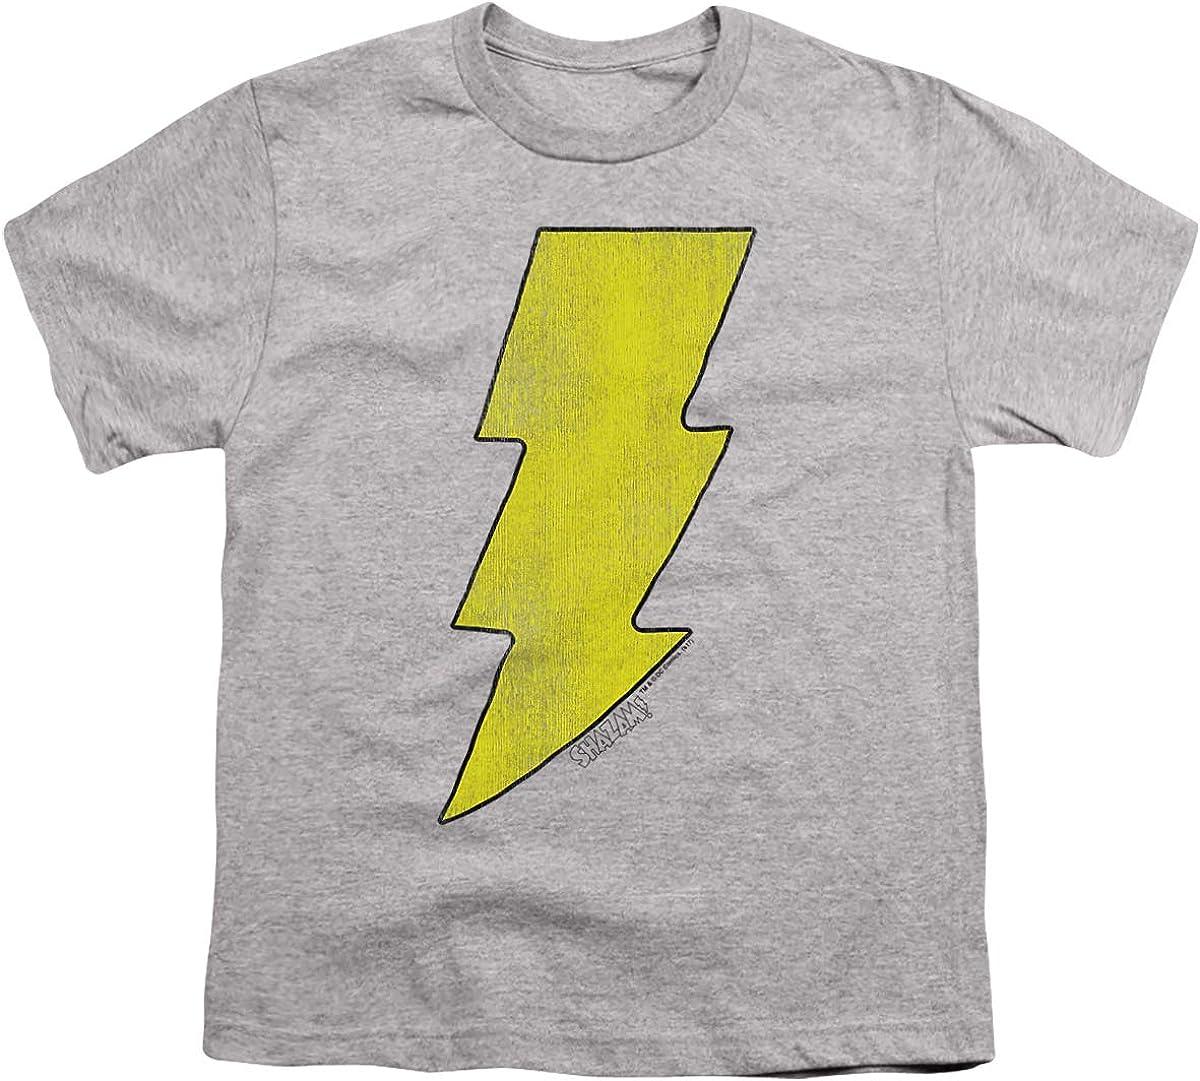 DC Shazam Logo Distressed Unisex Youth T Shirt, Athletic Heather, Medium